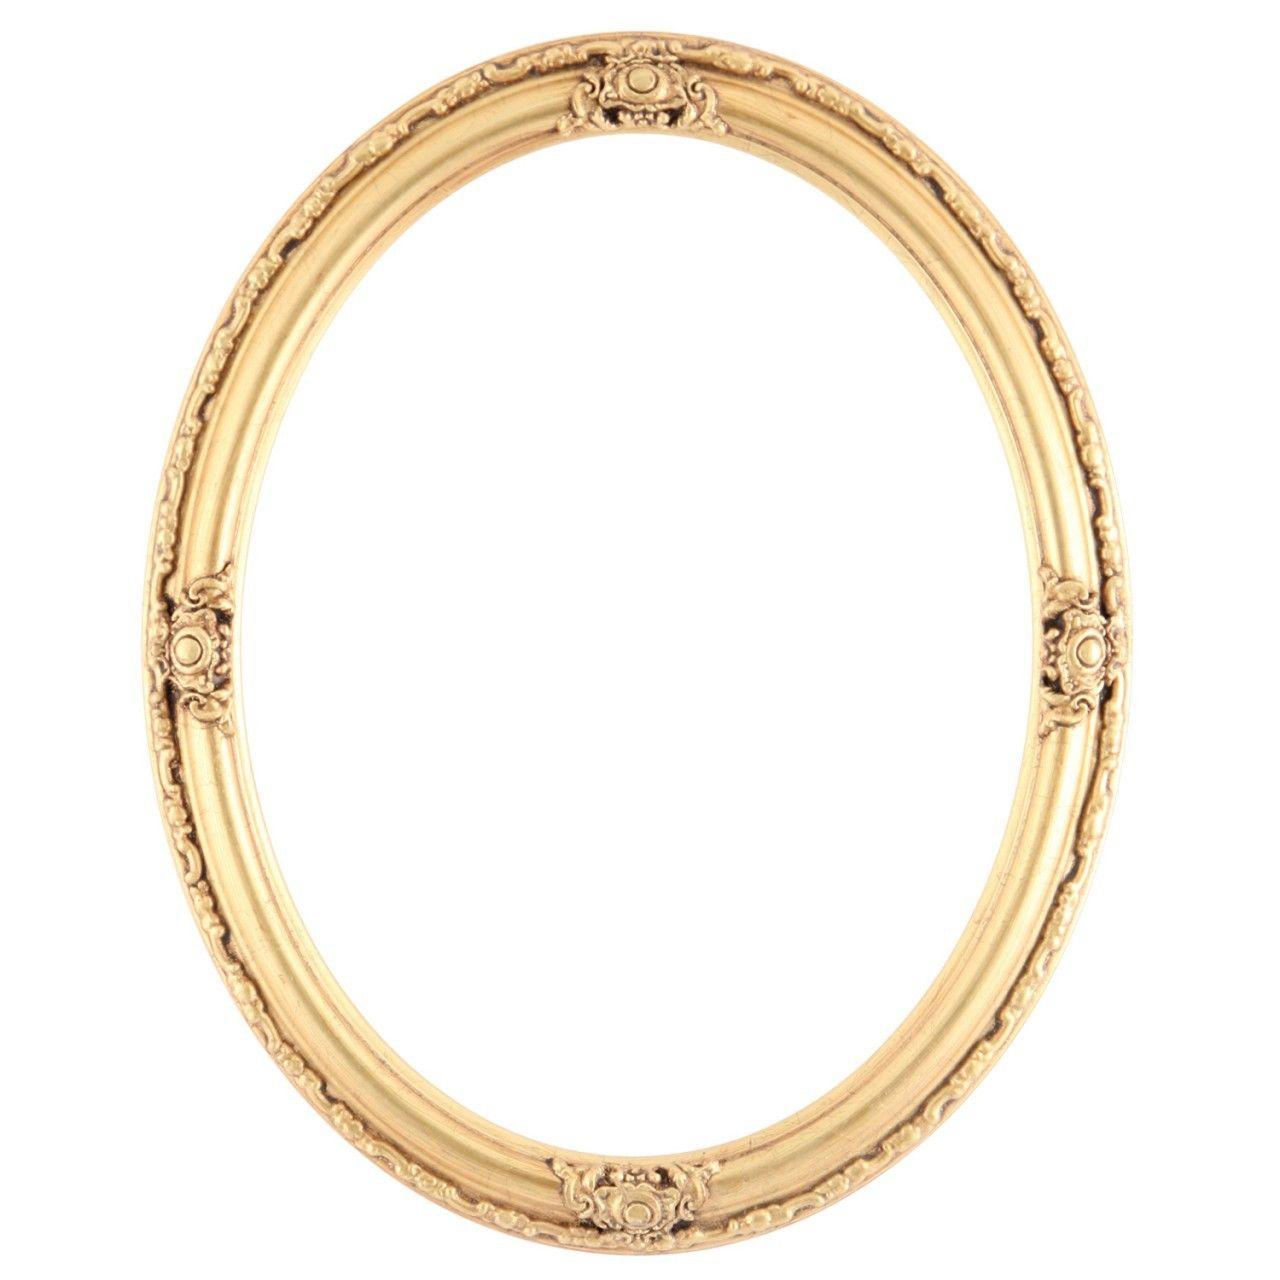 Jefferson Oval Frame #601 - Gold Leaf | Pinterest | Oval frame ...